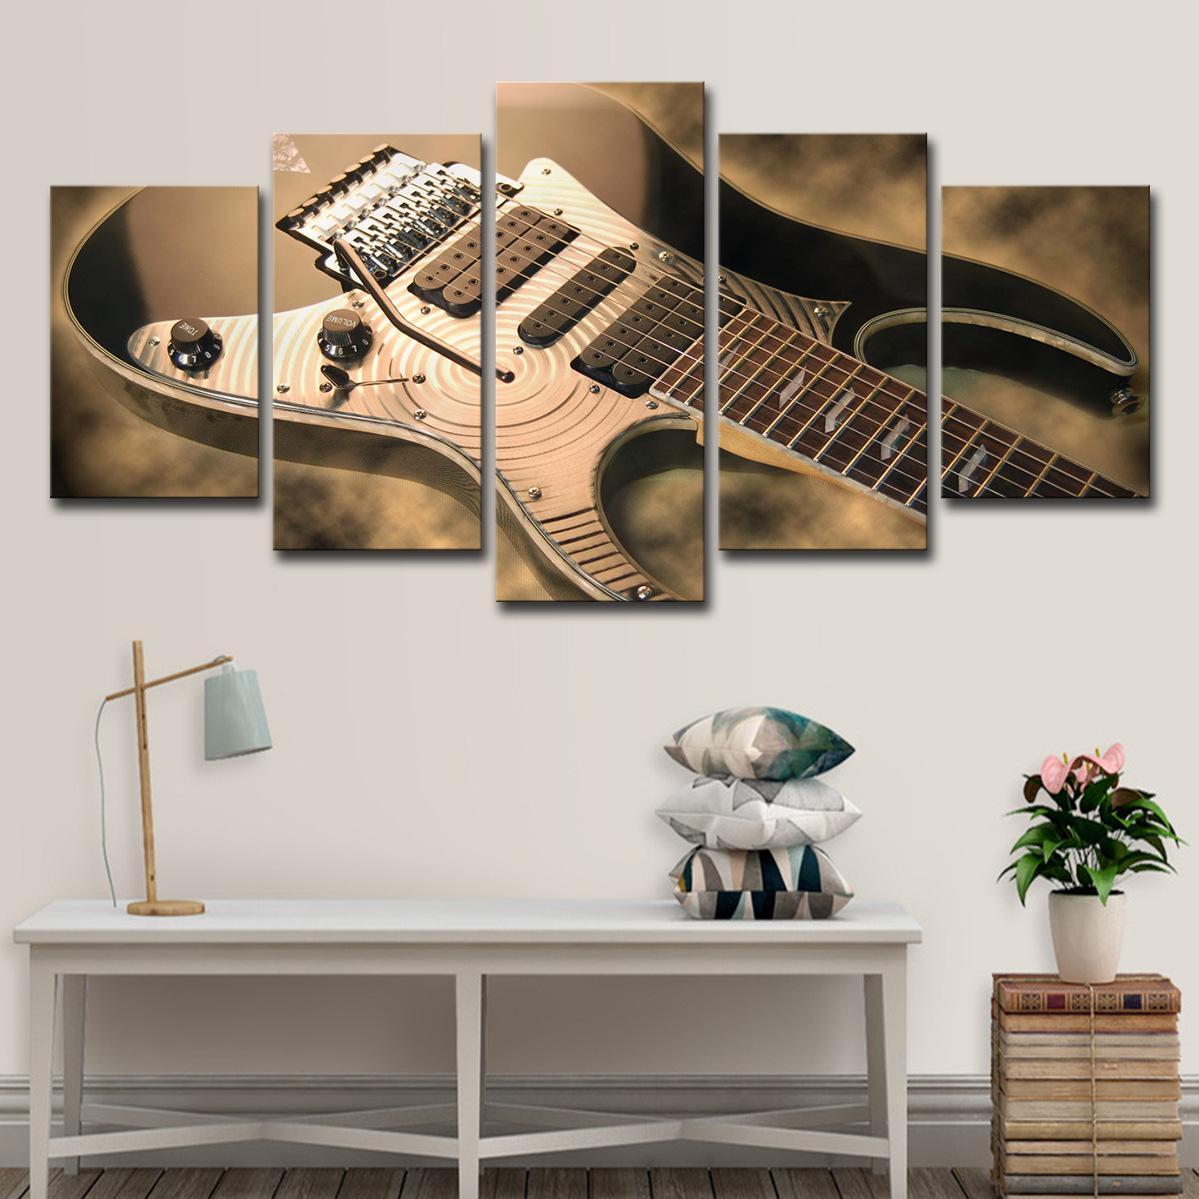 Unframed Классической Холст стена искусство Картина Электрогитара Картины для гостиной Спальни Music Room Decor